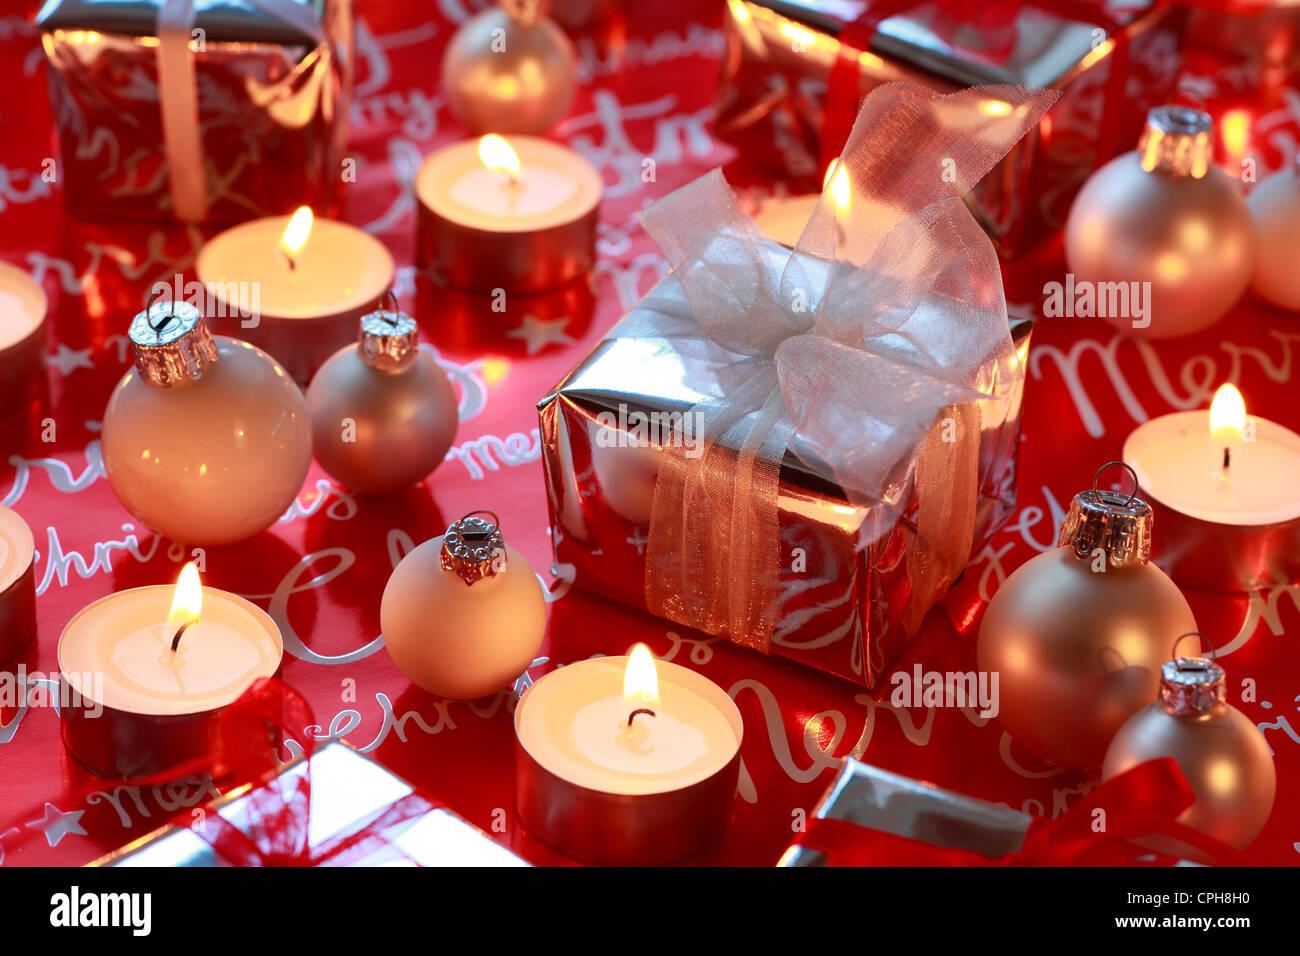 Decoration De Paquets Cadeaux décoration, présents, cadeaux, deco, bougies, lumière